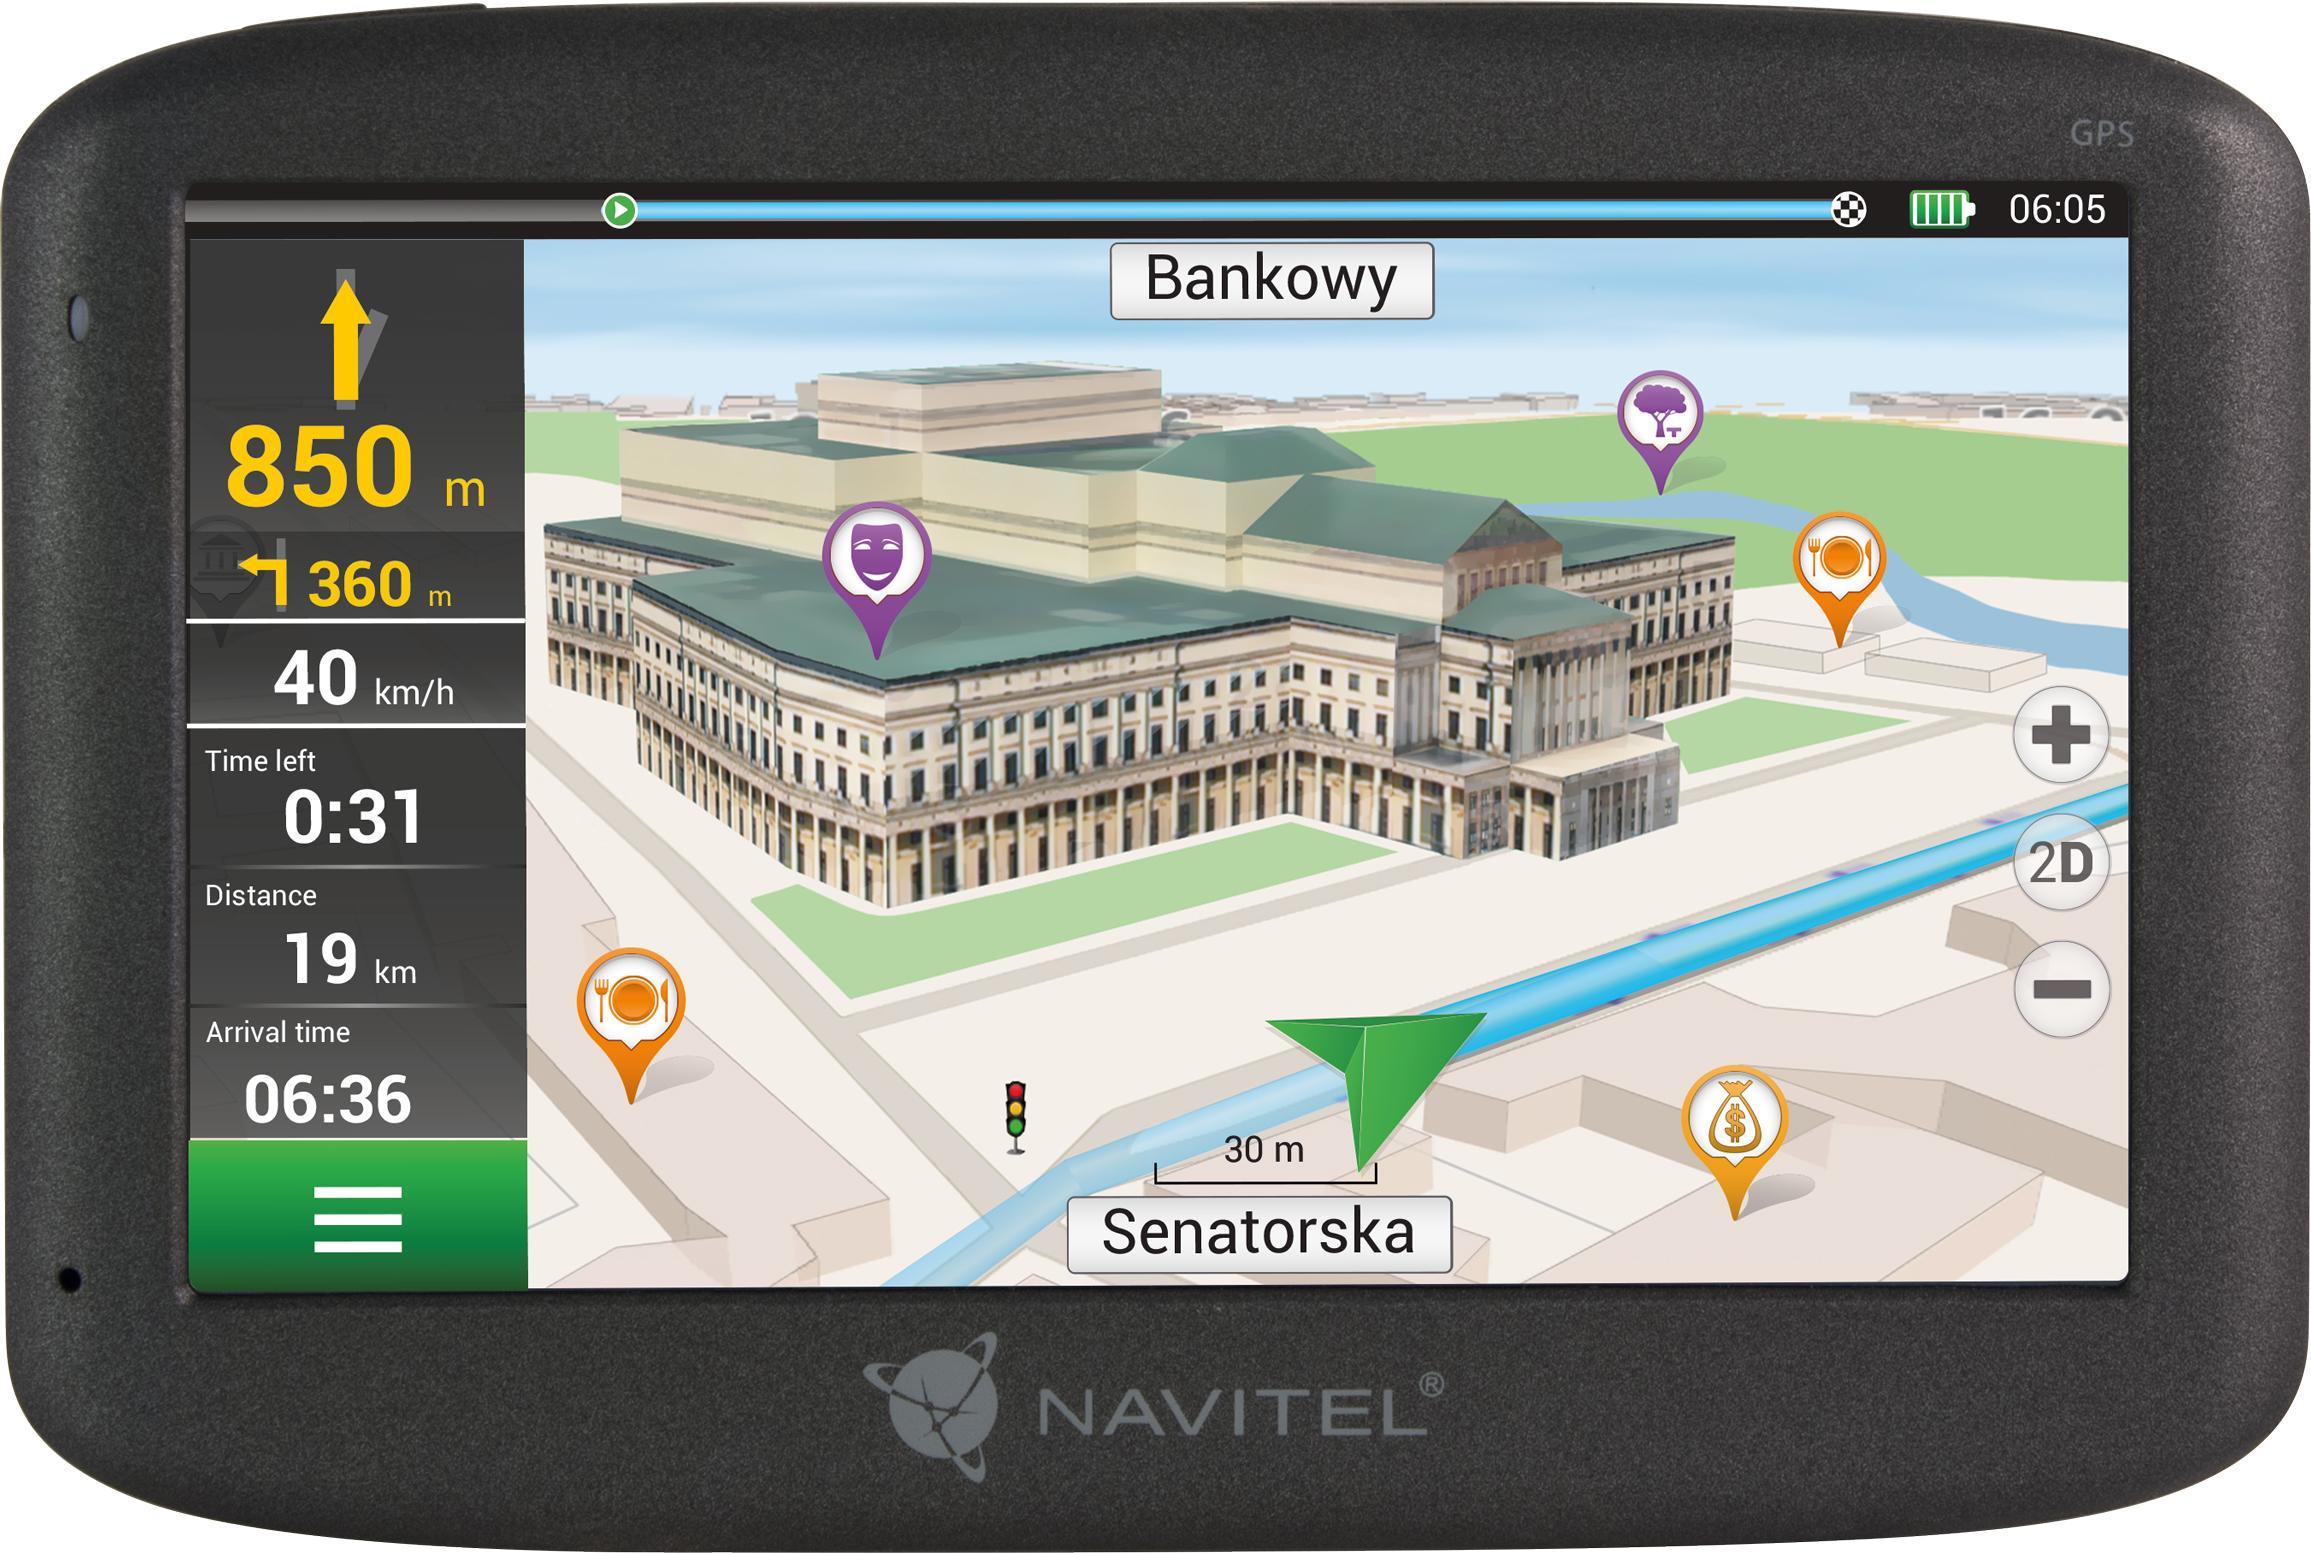 Pirkti NAVMS400 NAVITEL Wi-Fi: Ne, Windows CE 6.0 Navigacijos sistema NAVMS400 nebrangu